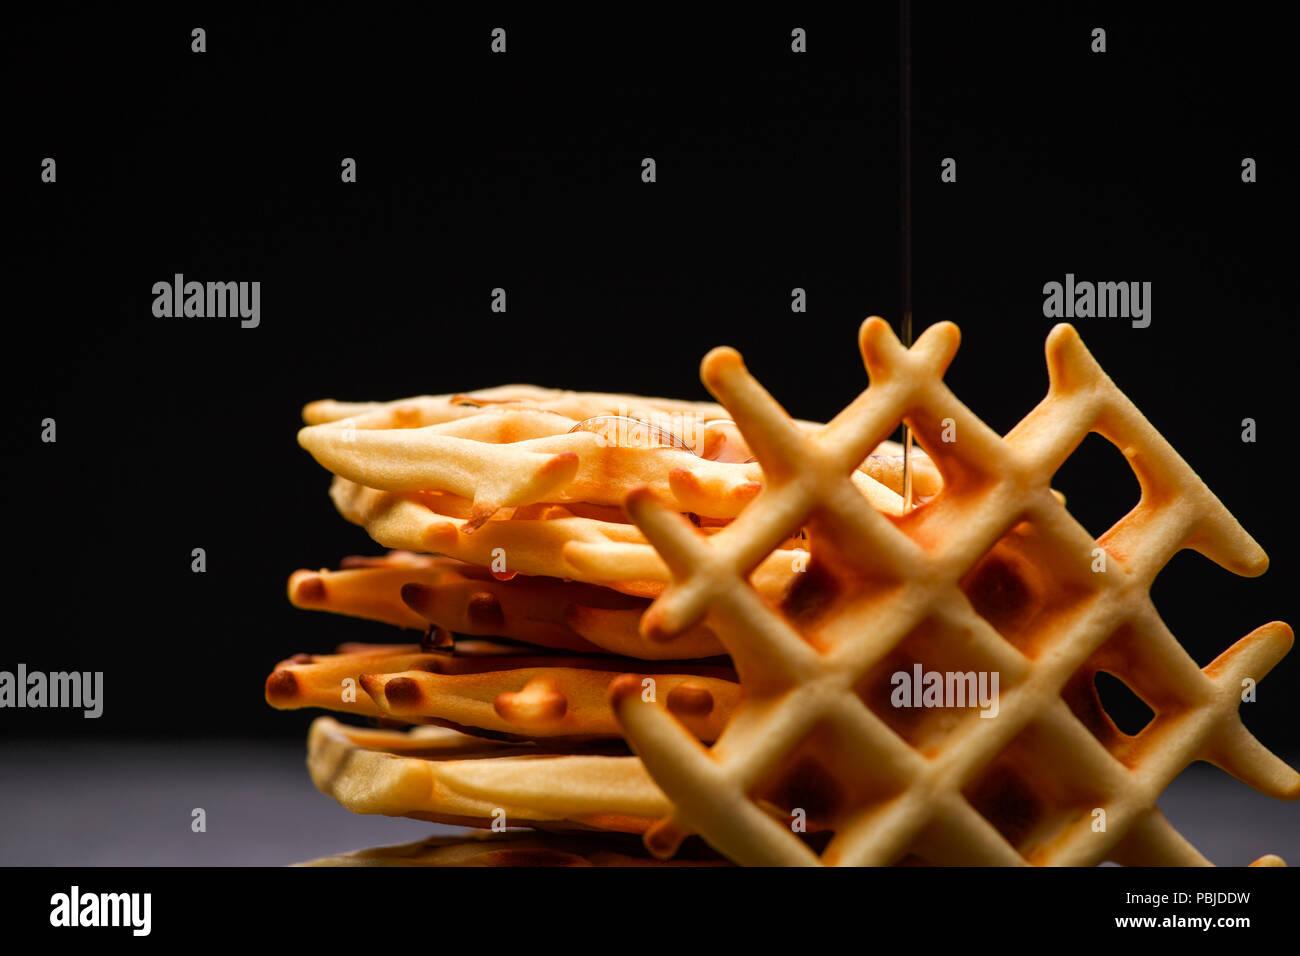 Foto von Wiener Wafer auf schwarzem Hintergrund Stockbild